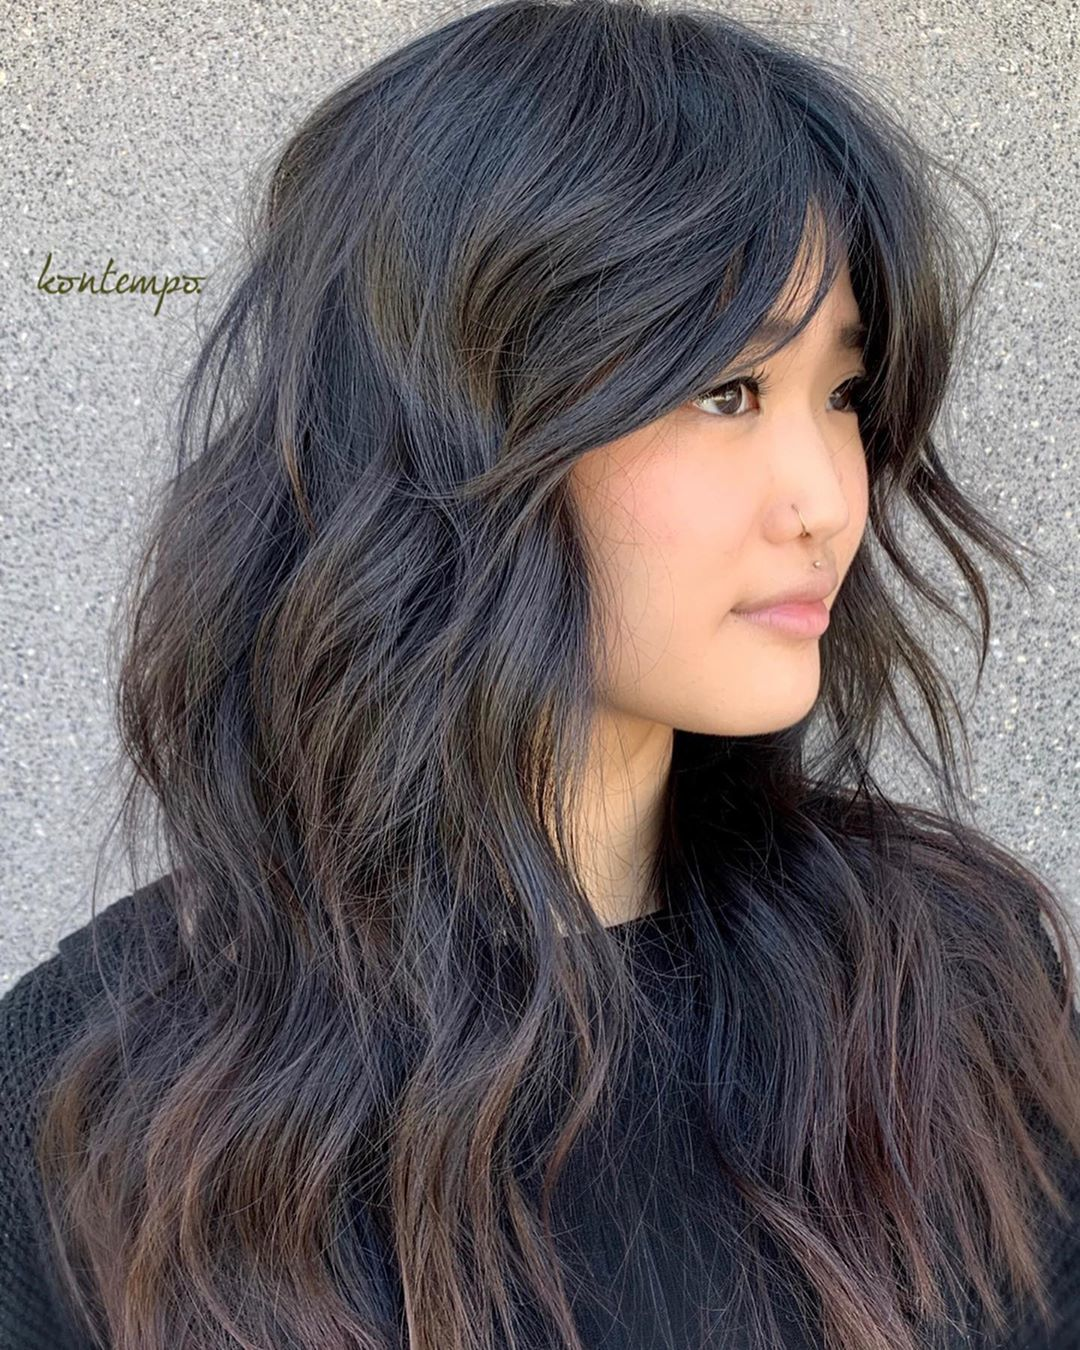 Femme avec une coupe de cheveux asiatique longue et hirsute